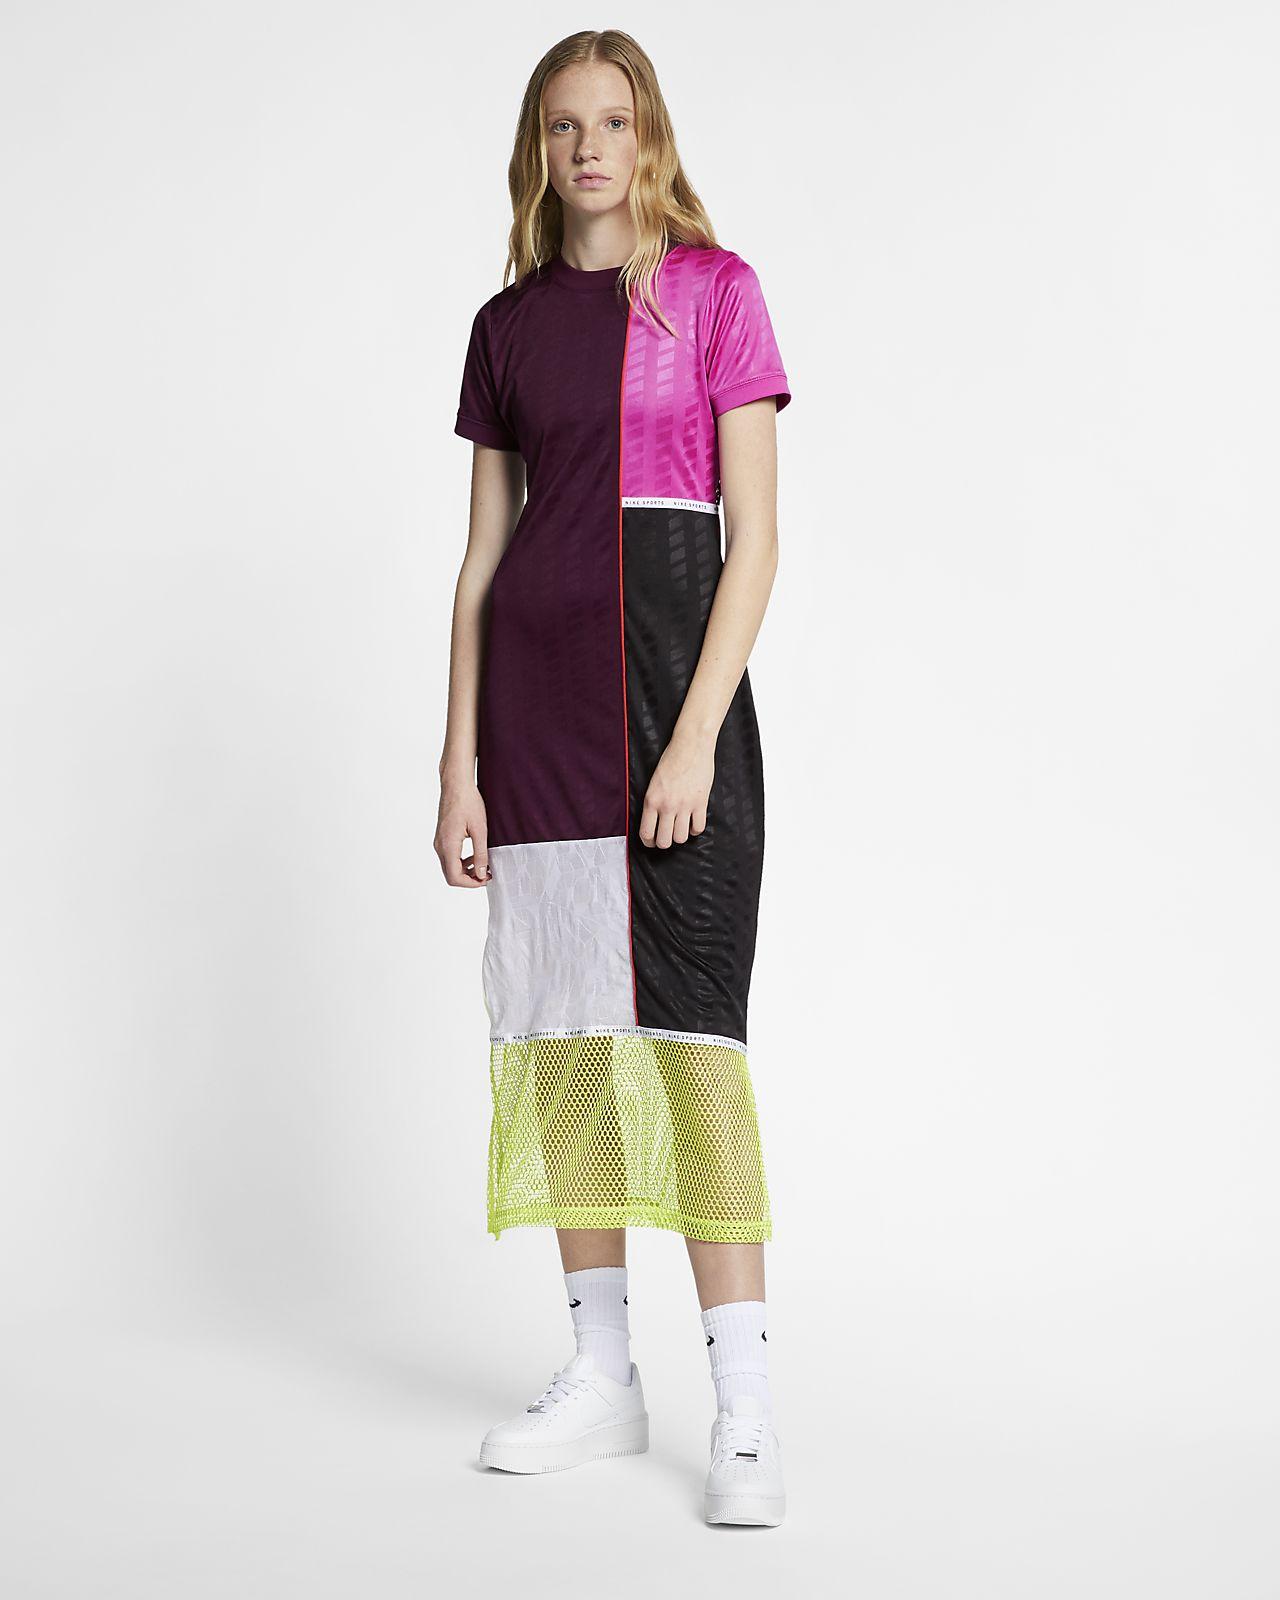 Nike Sportswear NSW Women's Short-Sleeve Dress